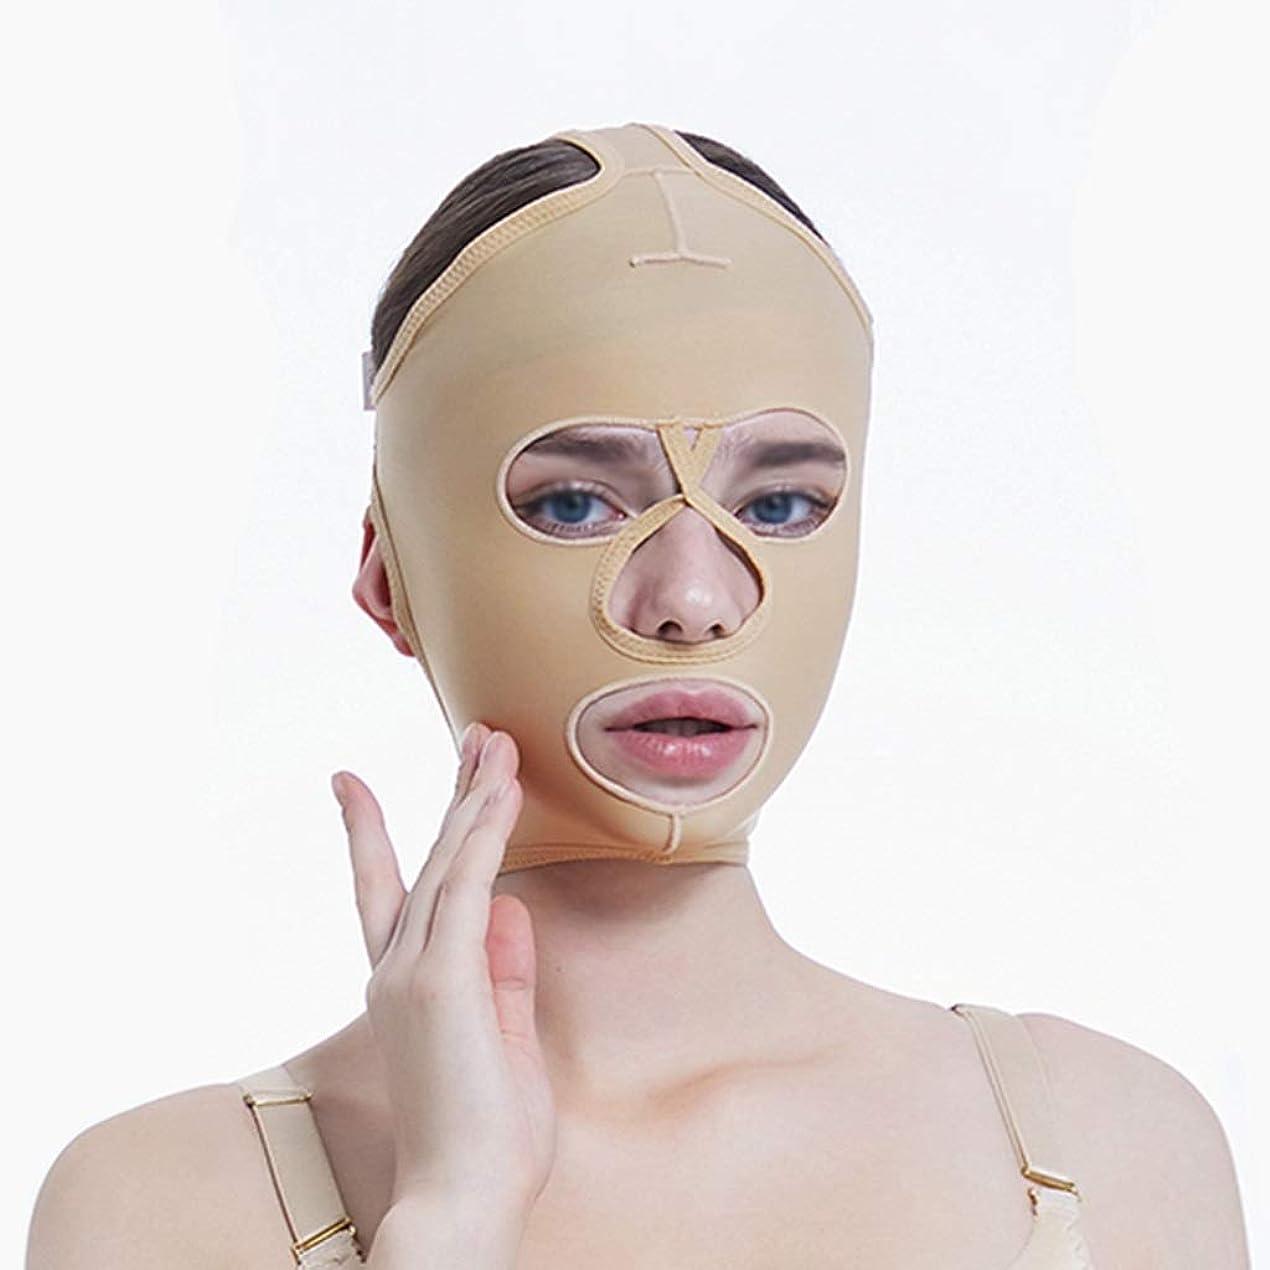 スペルギャンブル香りXHLMRMJ チンリフティングベルト、超薄型ベルト、ファーミングマスク、包帯吊り上げ、フェイスリフティングマスク、超薄型ベルト、通気性 (Size : M)